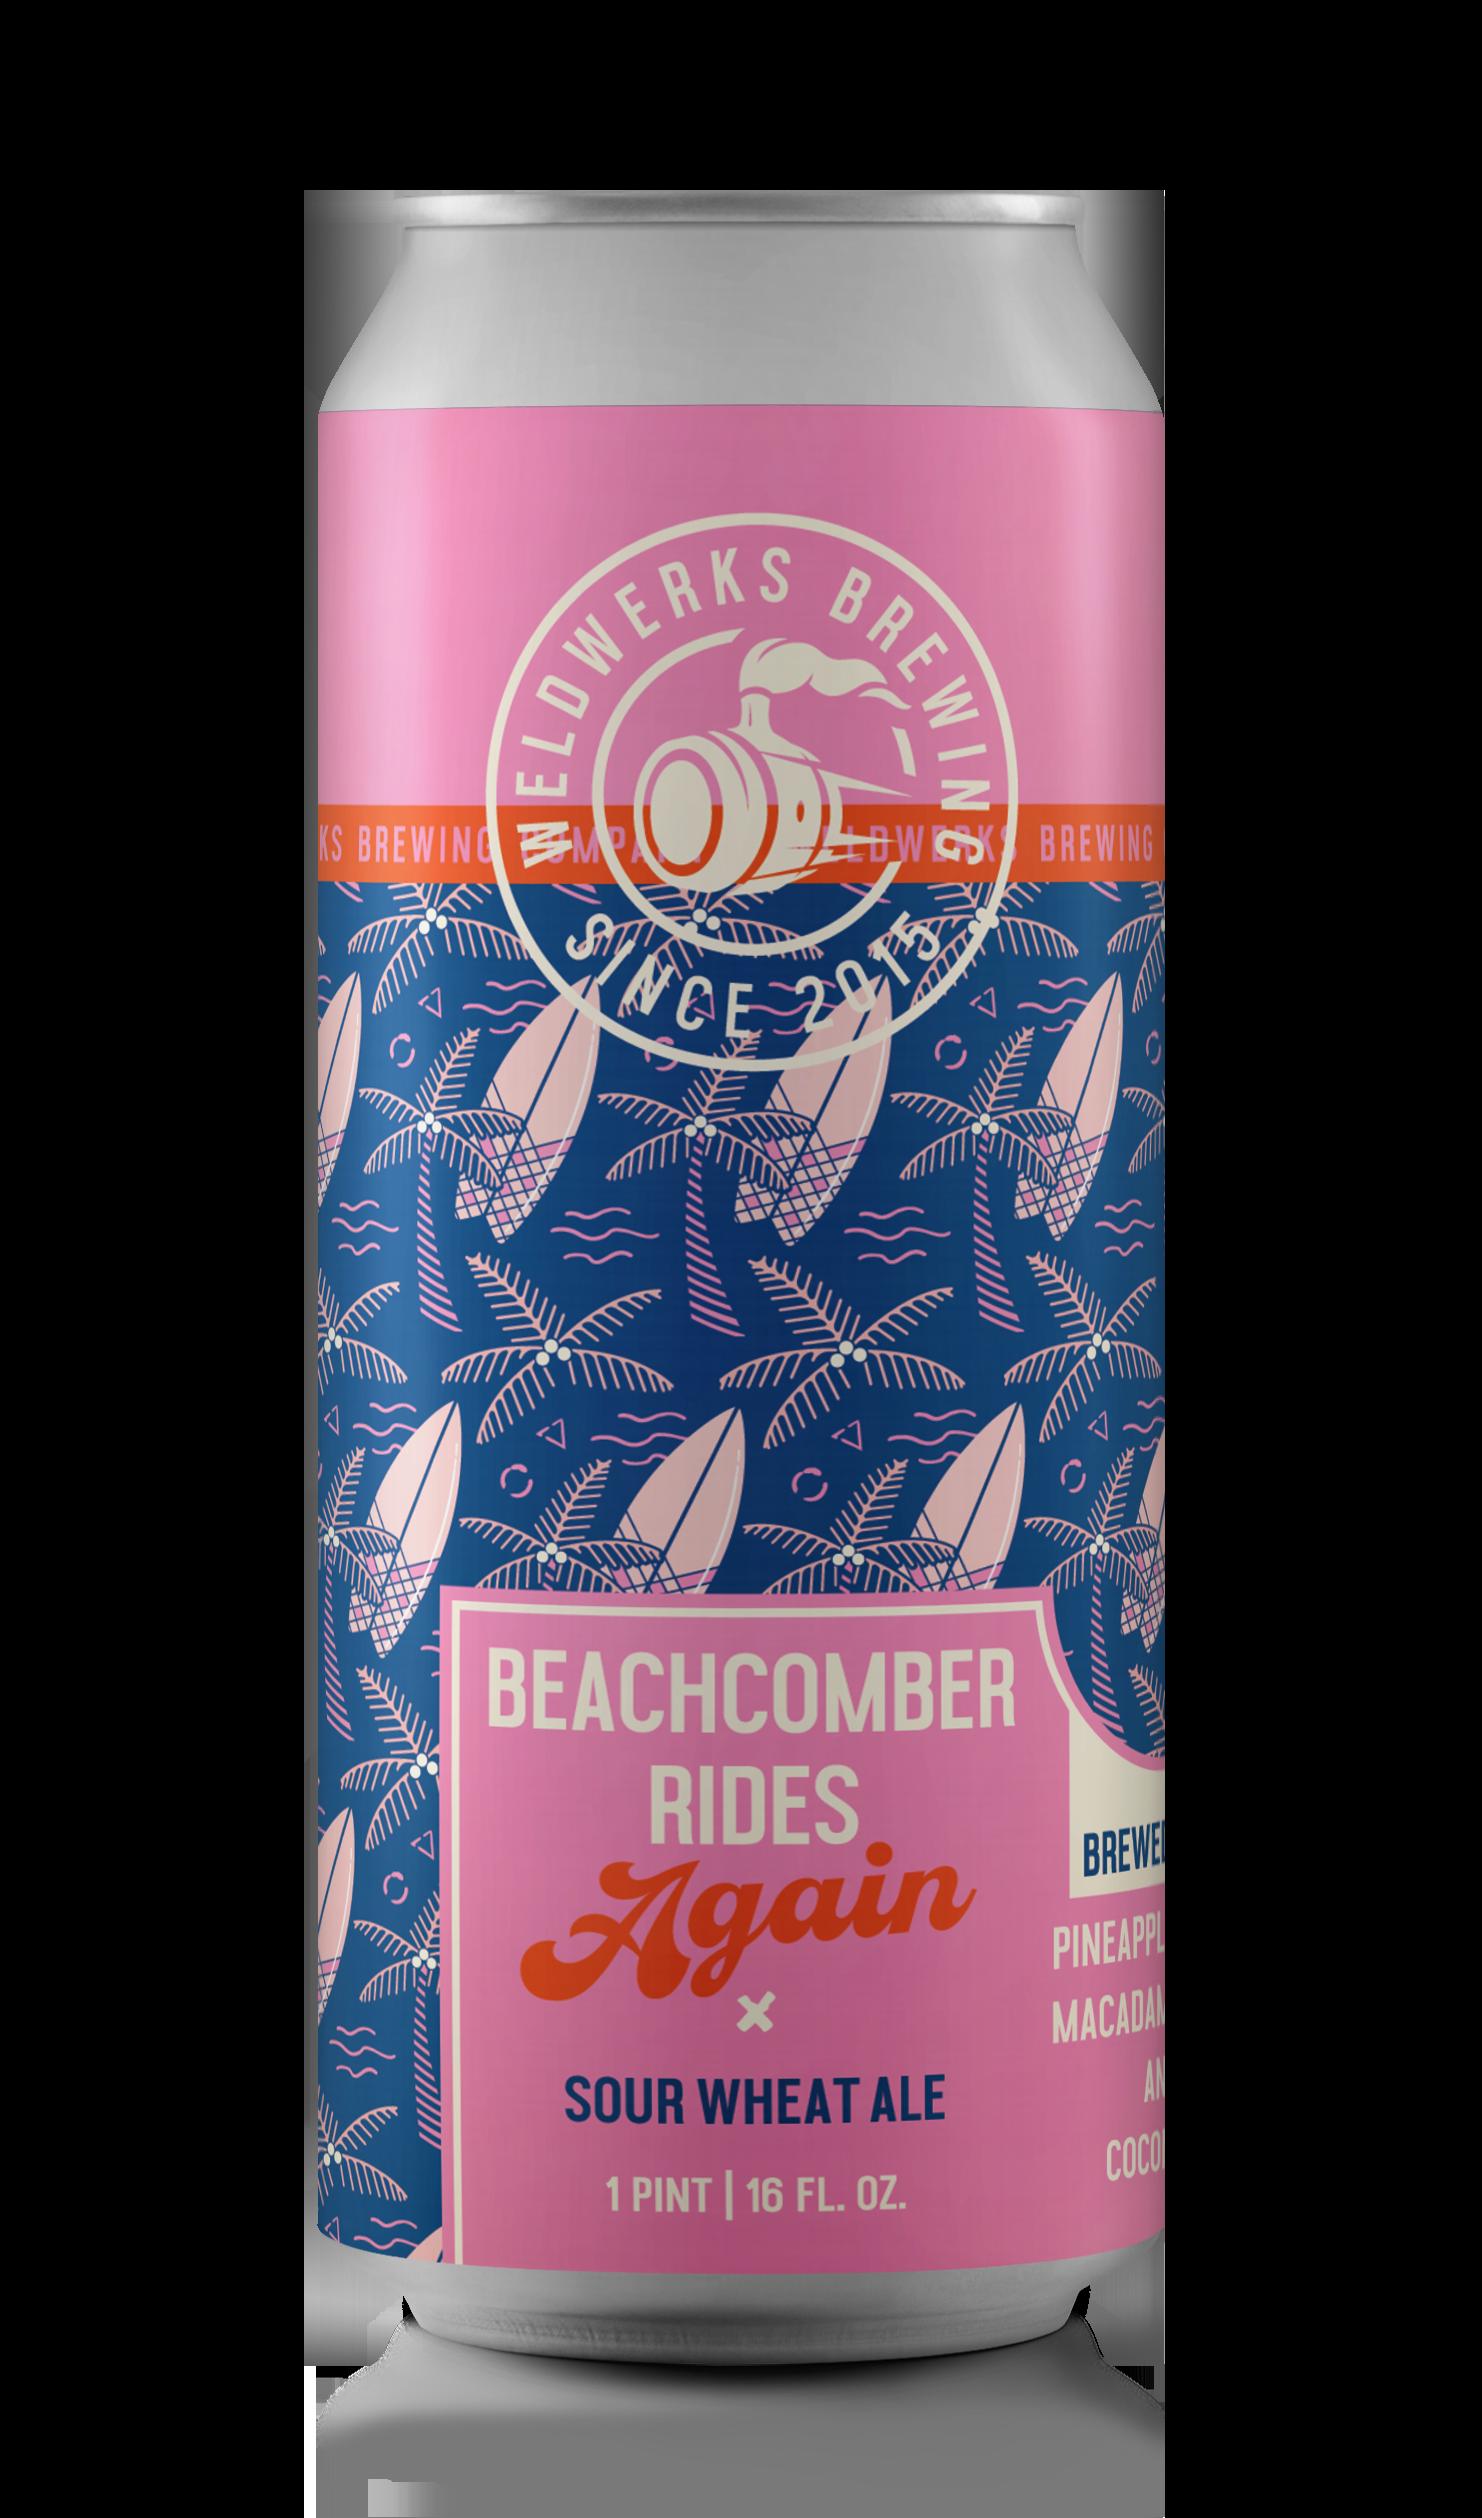 Beachcomber Rides Again